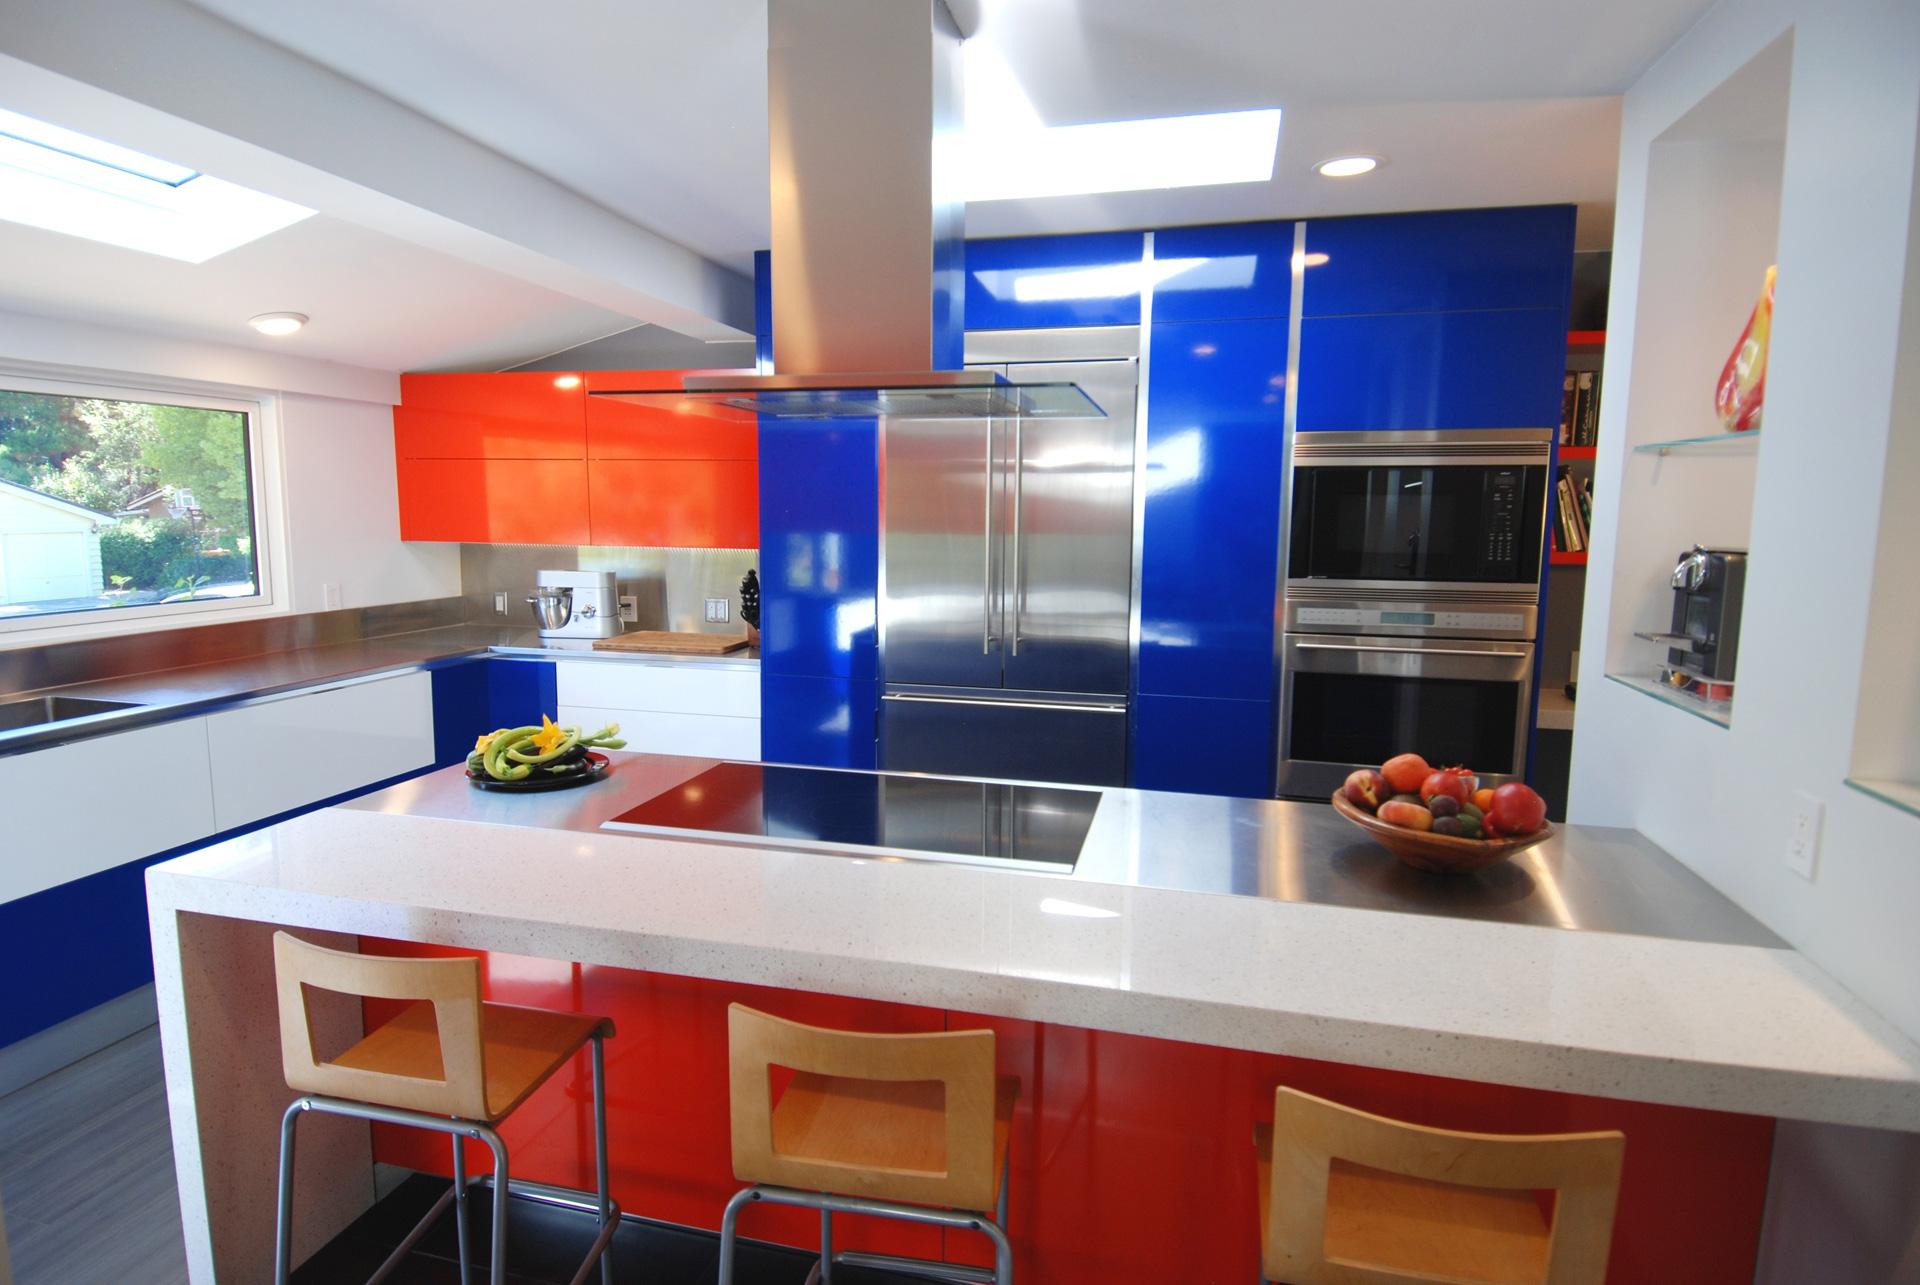 Brighten up the kitchen